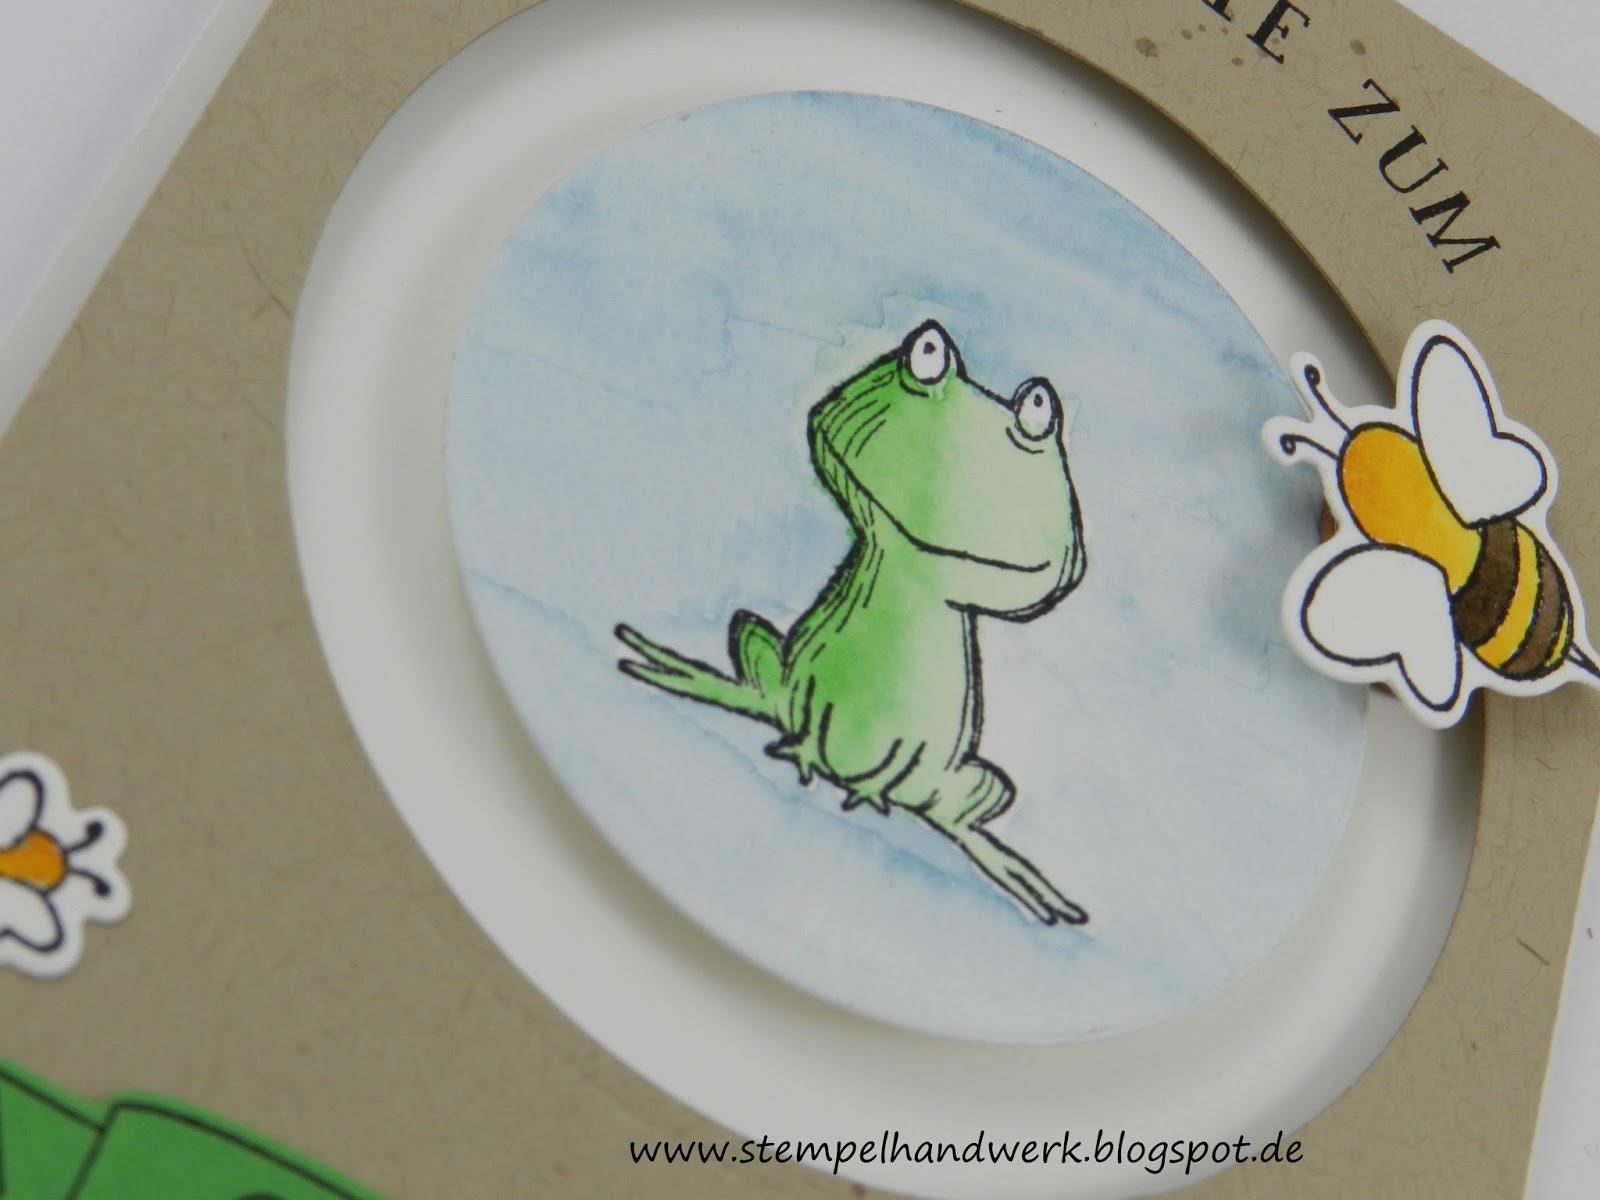 Stempelhandwerk: Interaktive Geburtstagskarte mit Frosch